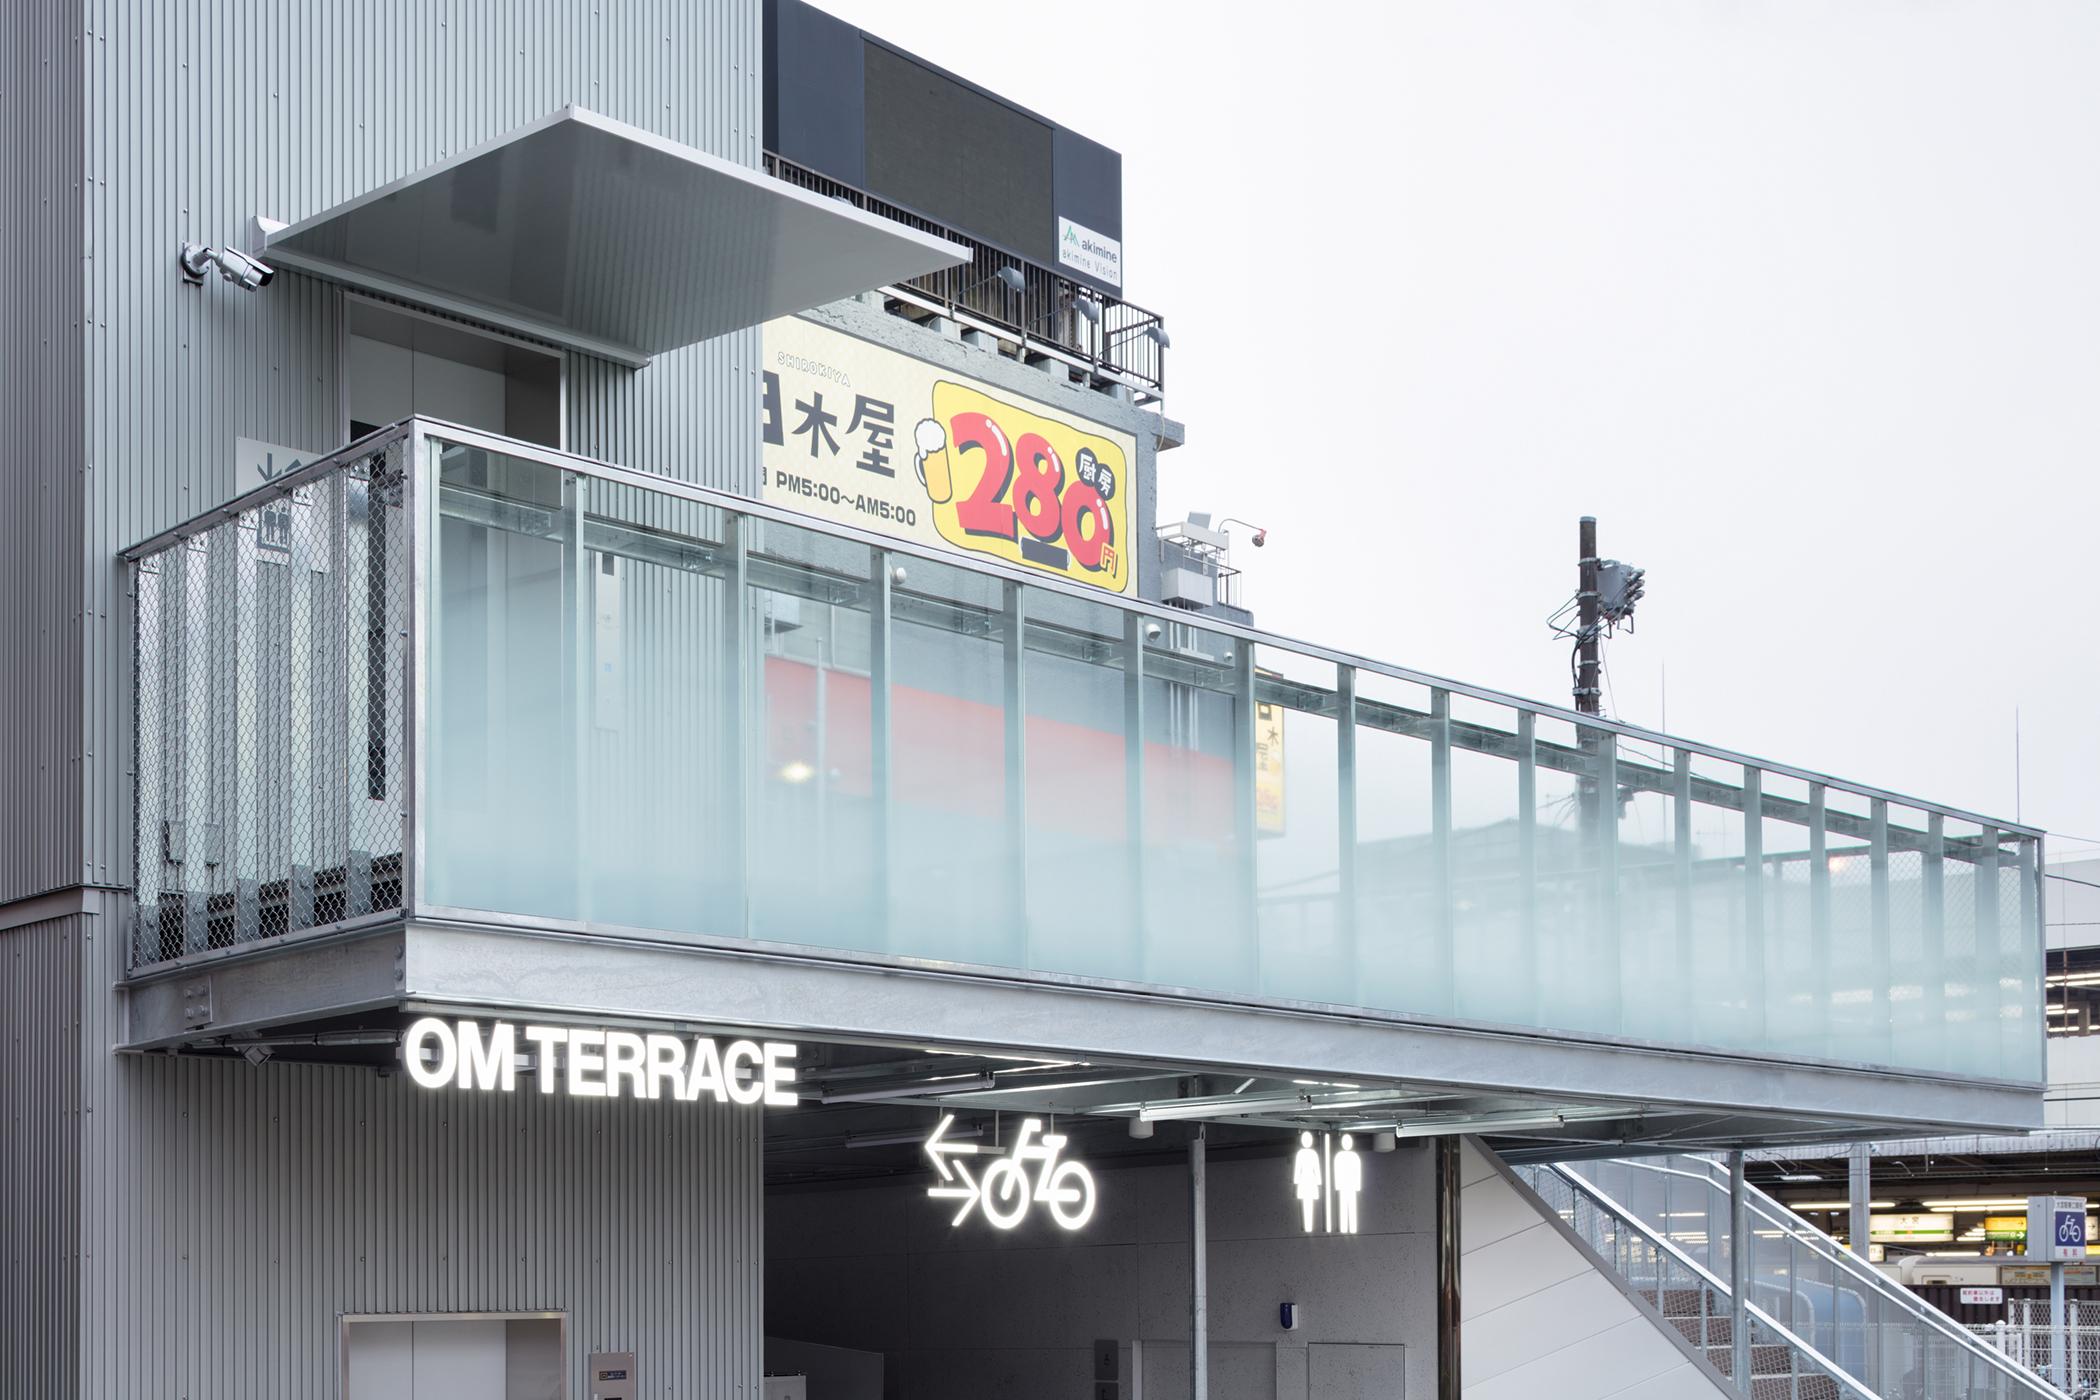 om-terrace_ota_05.jpg